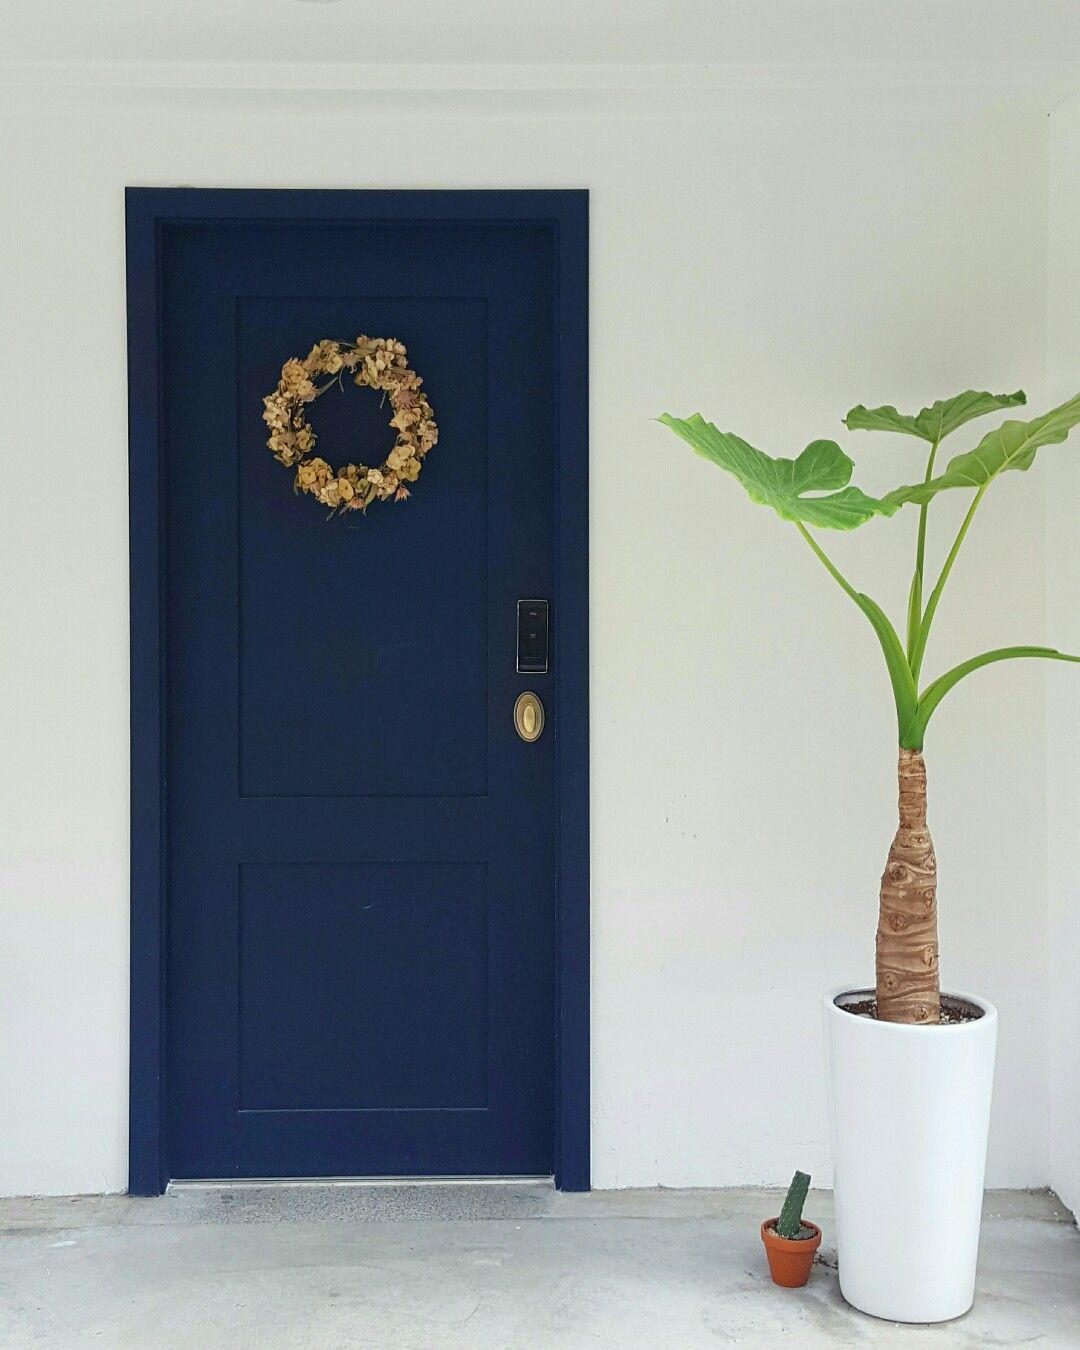 문디자인 식물과 함께 이런 현관문 어때요...  interior  Pinterest ...